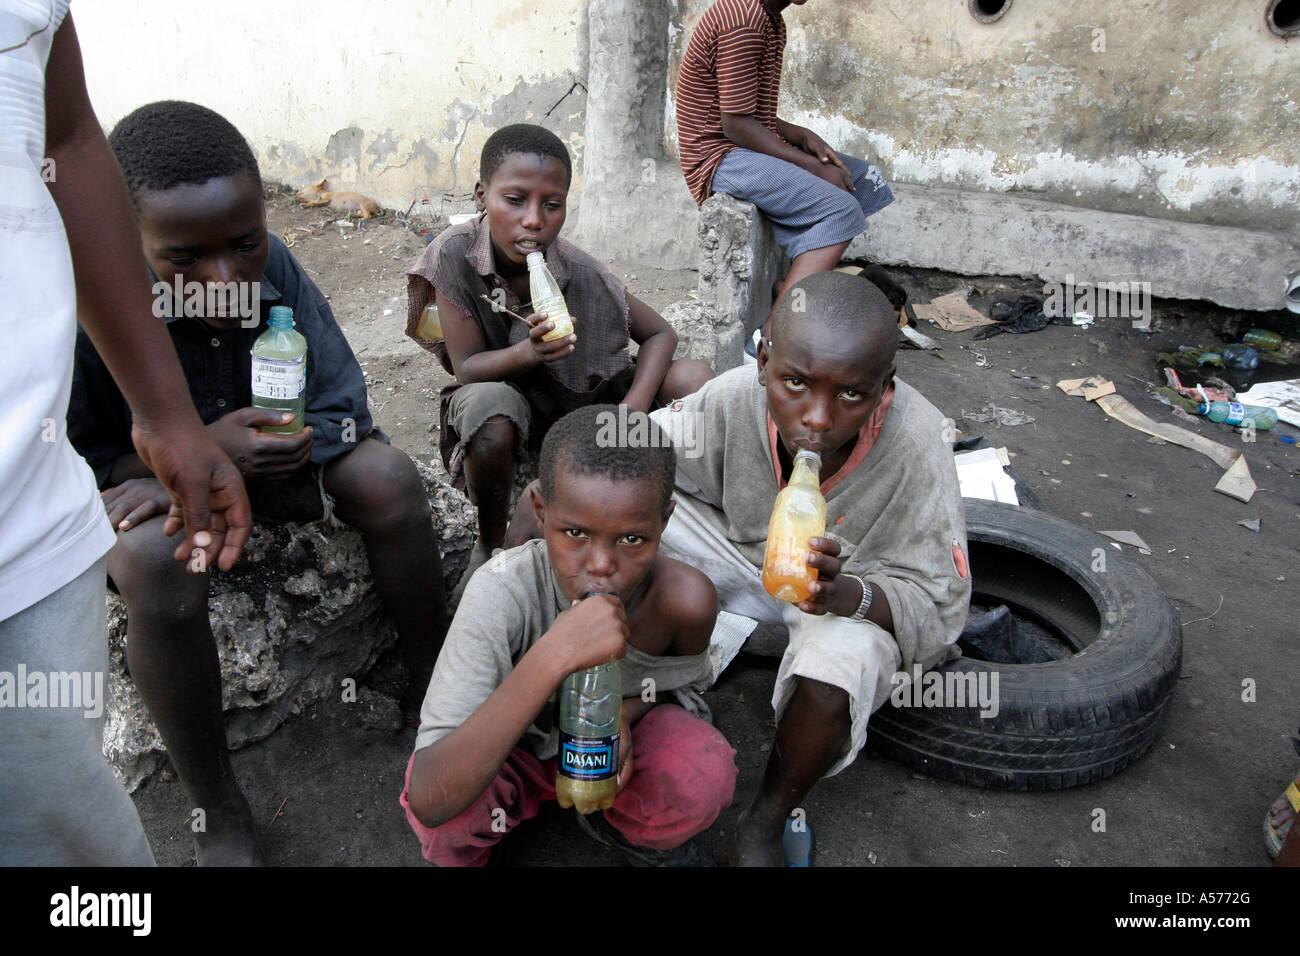 Painet jb1334 kenya mombasa street kids inhaler de la colle l'Afrique drogues les enfants enfant kid garçon Photo Stock